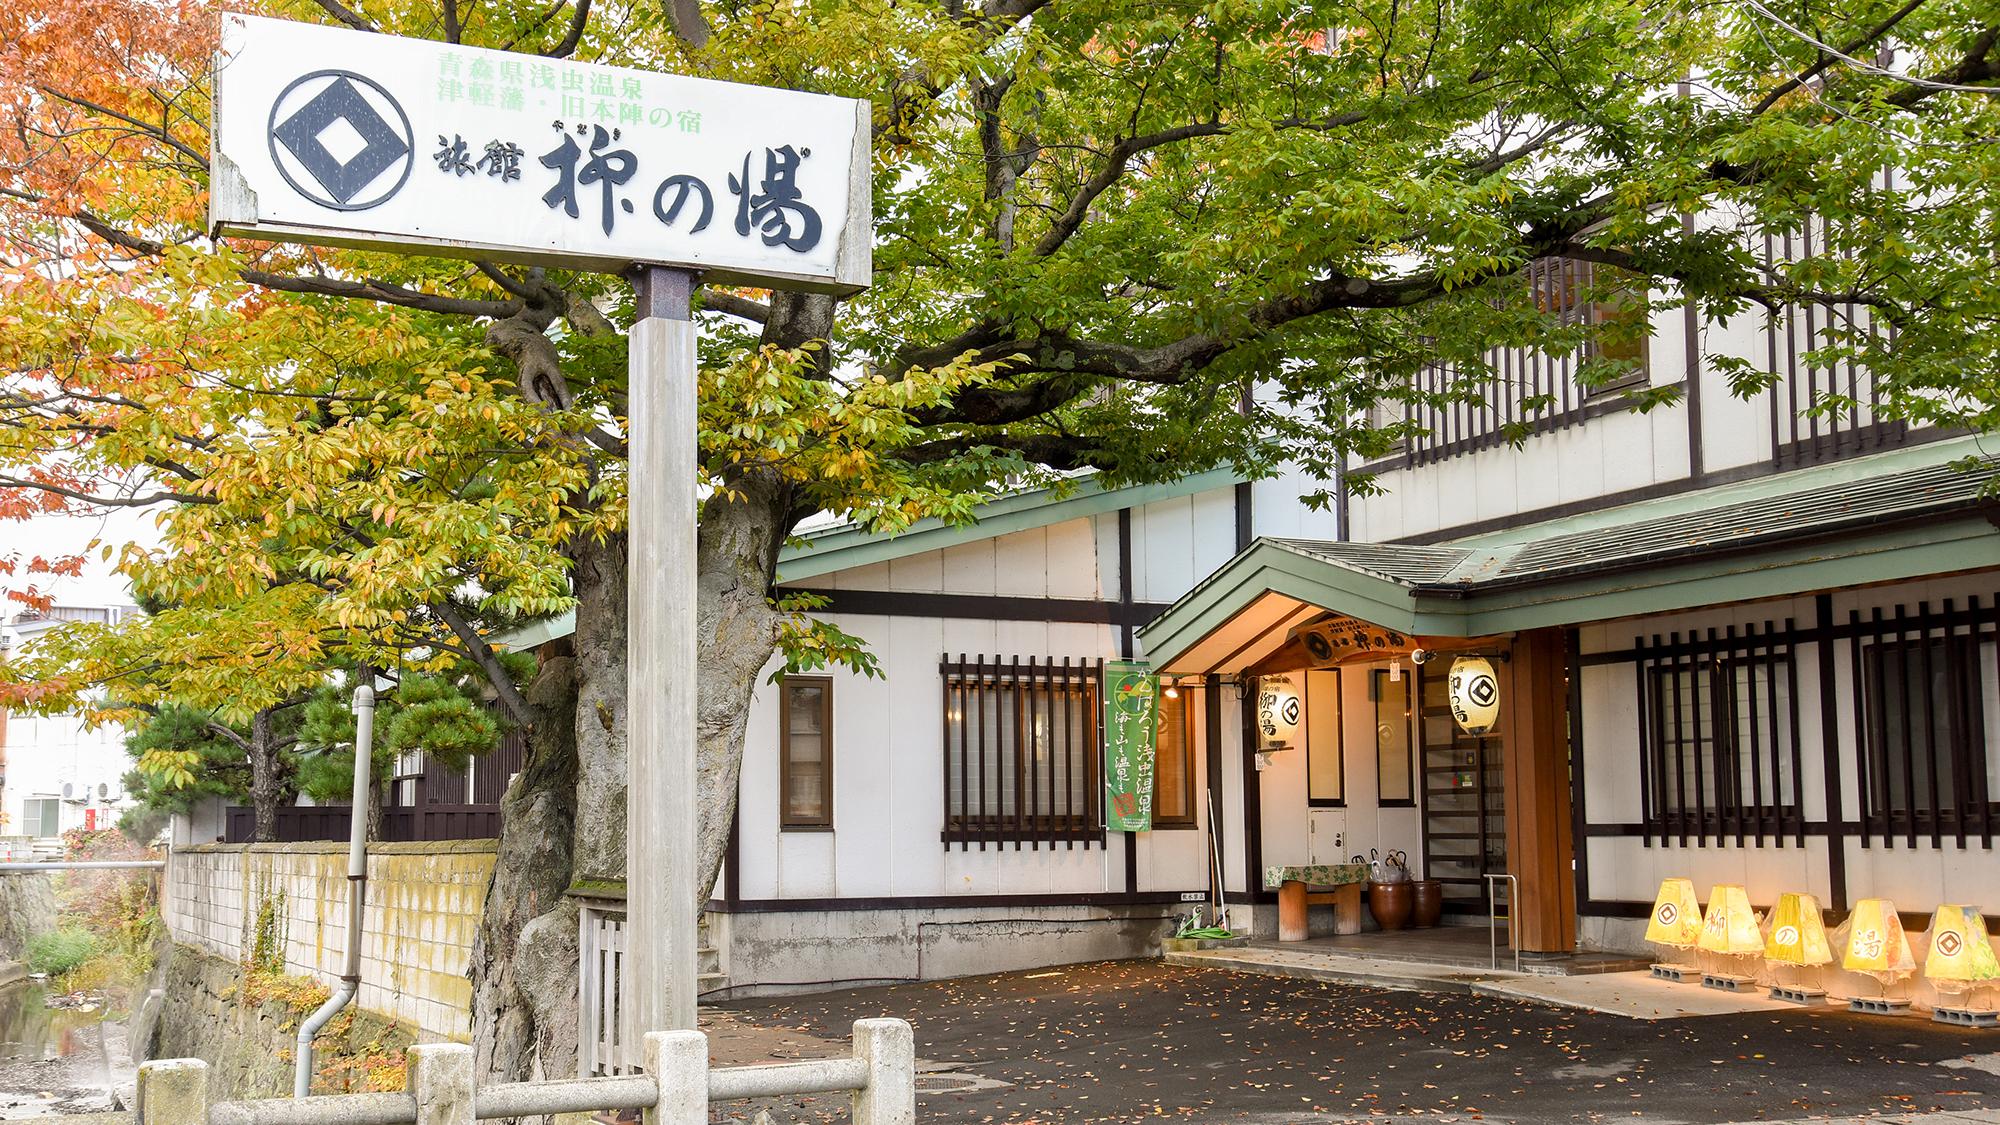 浅虫温泉 津軽藩本陣の宿 旅館柳の湯 その1